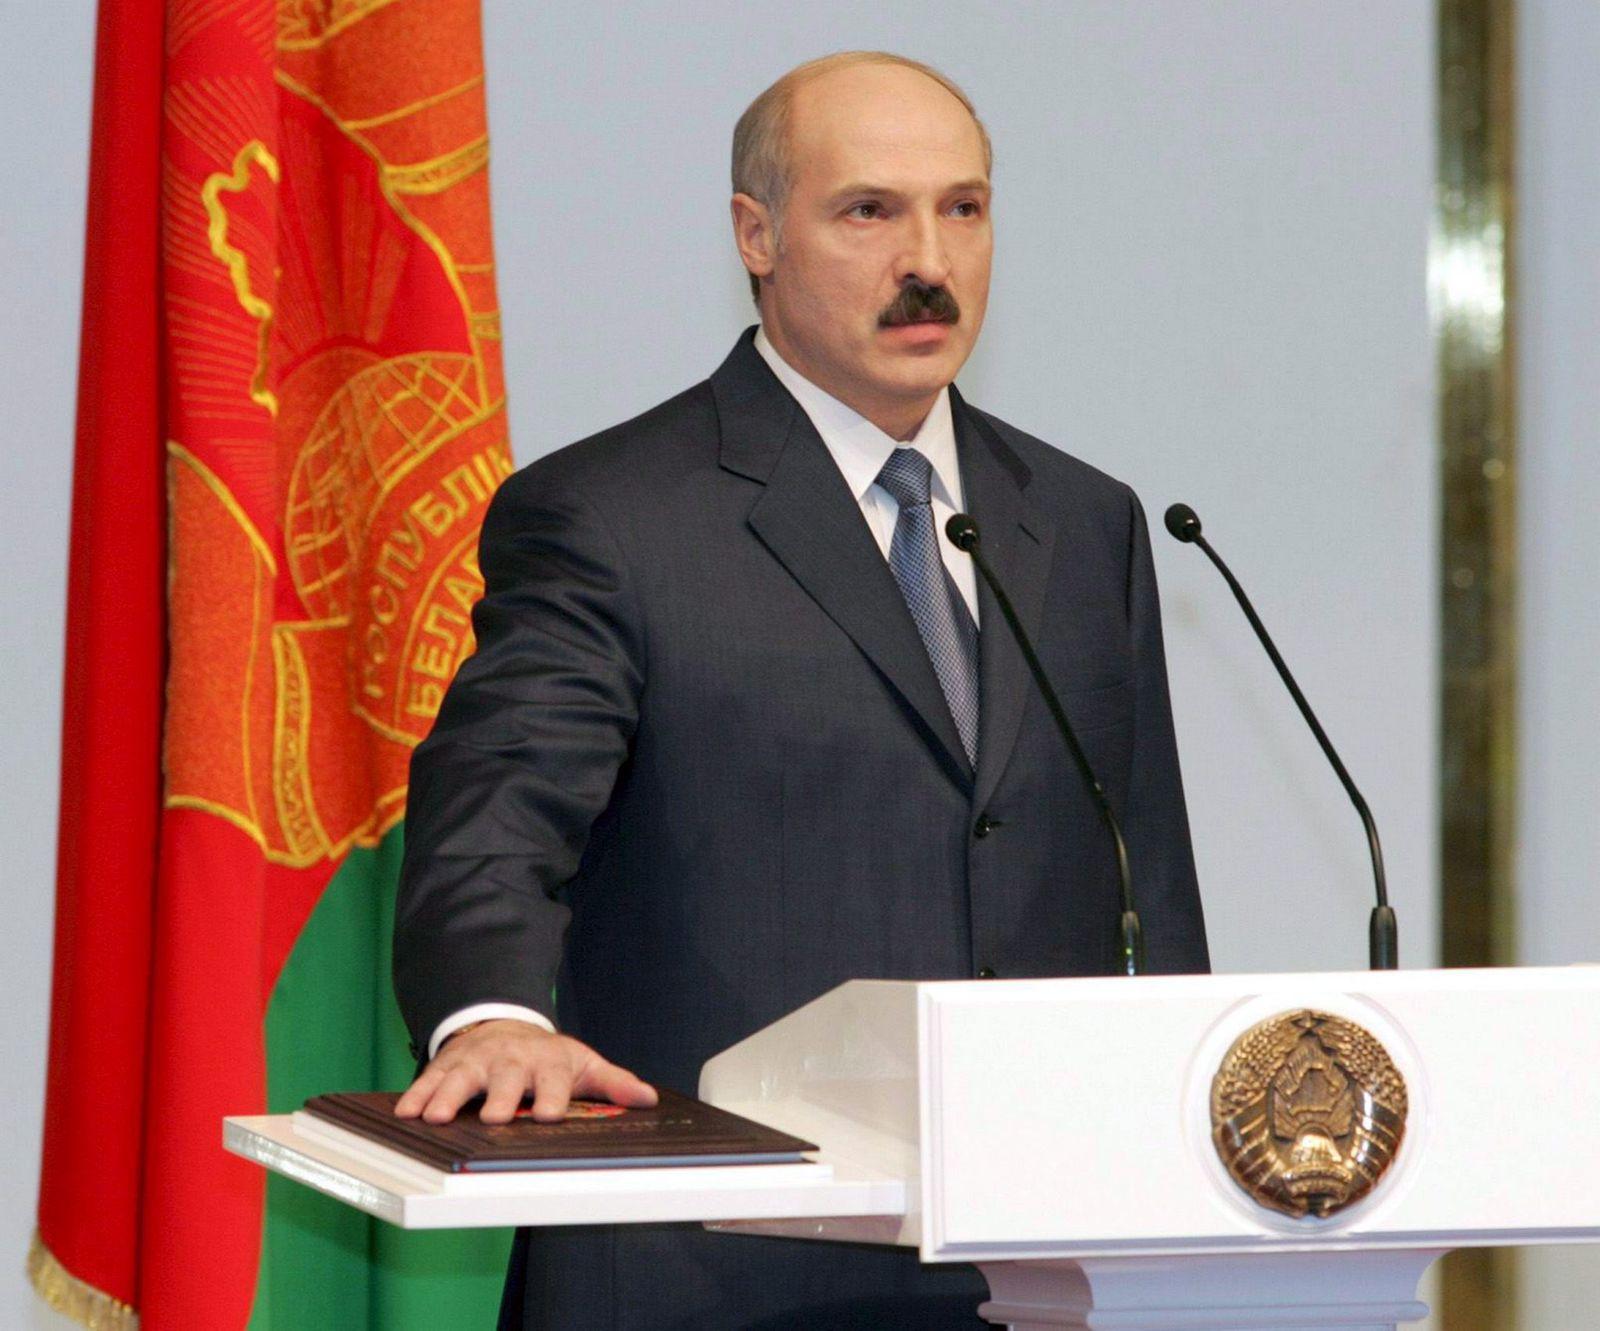 Lukaschenko legt Amtseid ab / Minsk